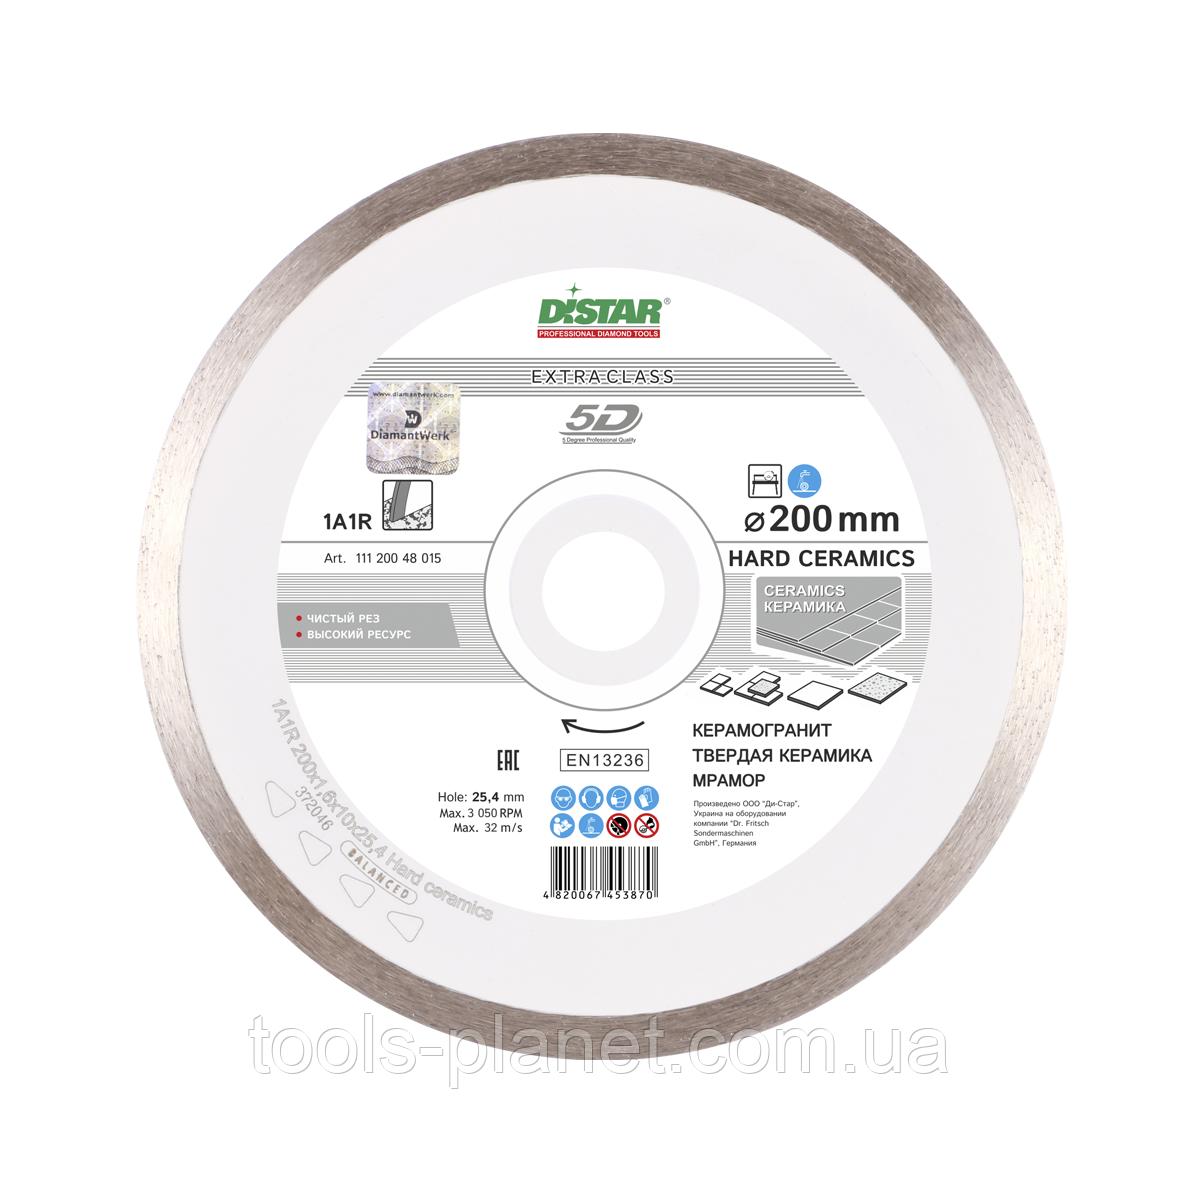 Алмазний диск Distar 1A1R 350 x 2,2 x 10 x 32 Hard Ceramics 5D (11127048024)